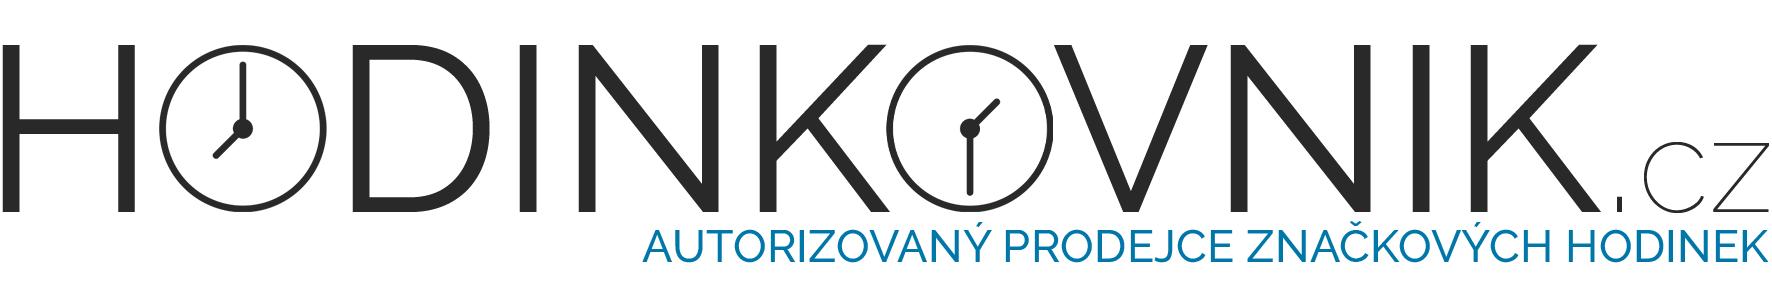 Hodinkovník.cz